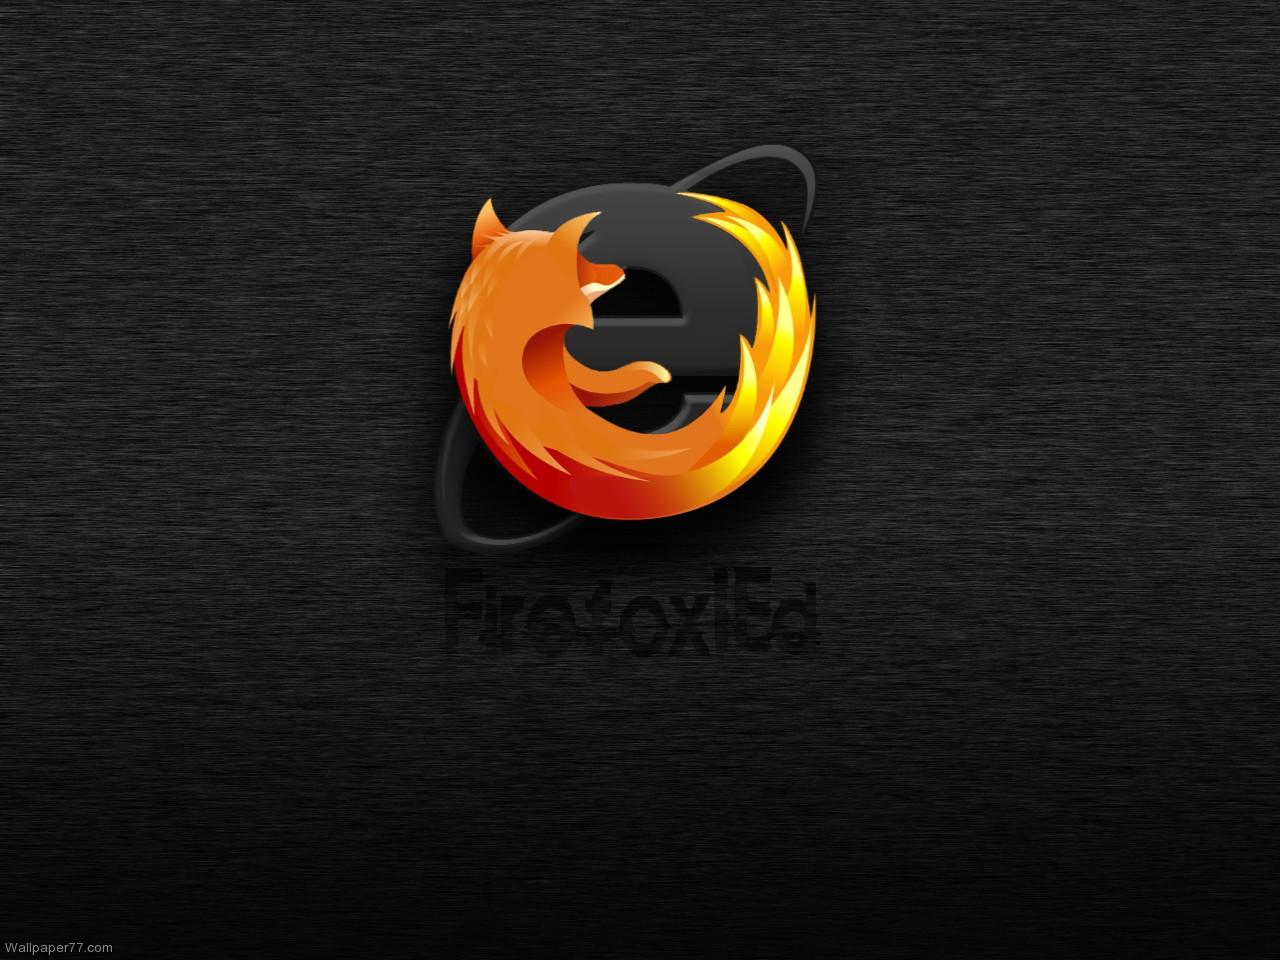 Internet Explorer Funny Desktop